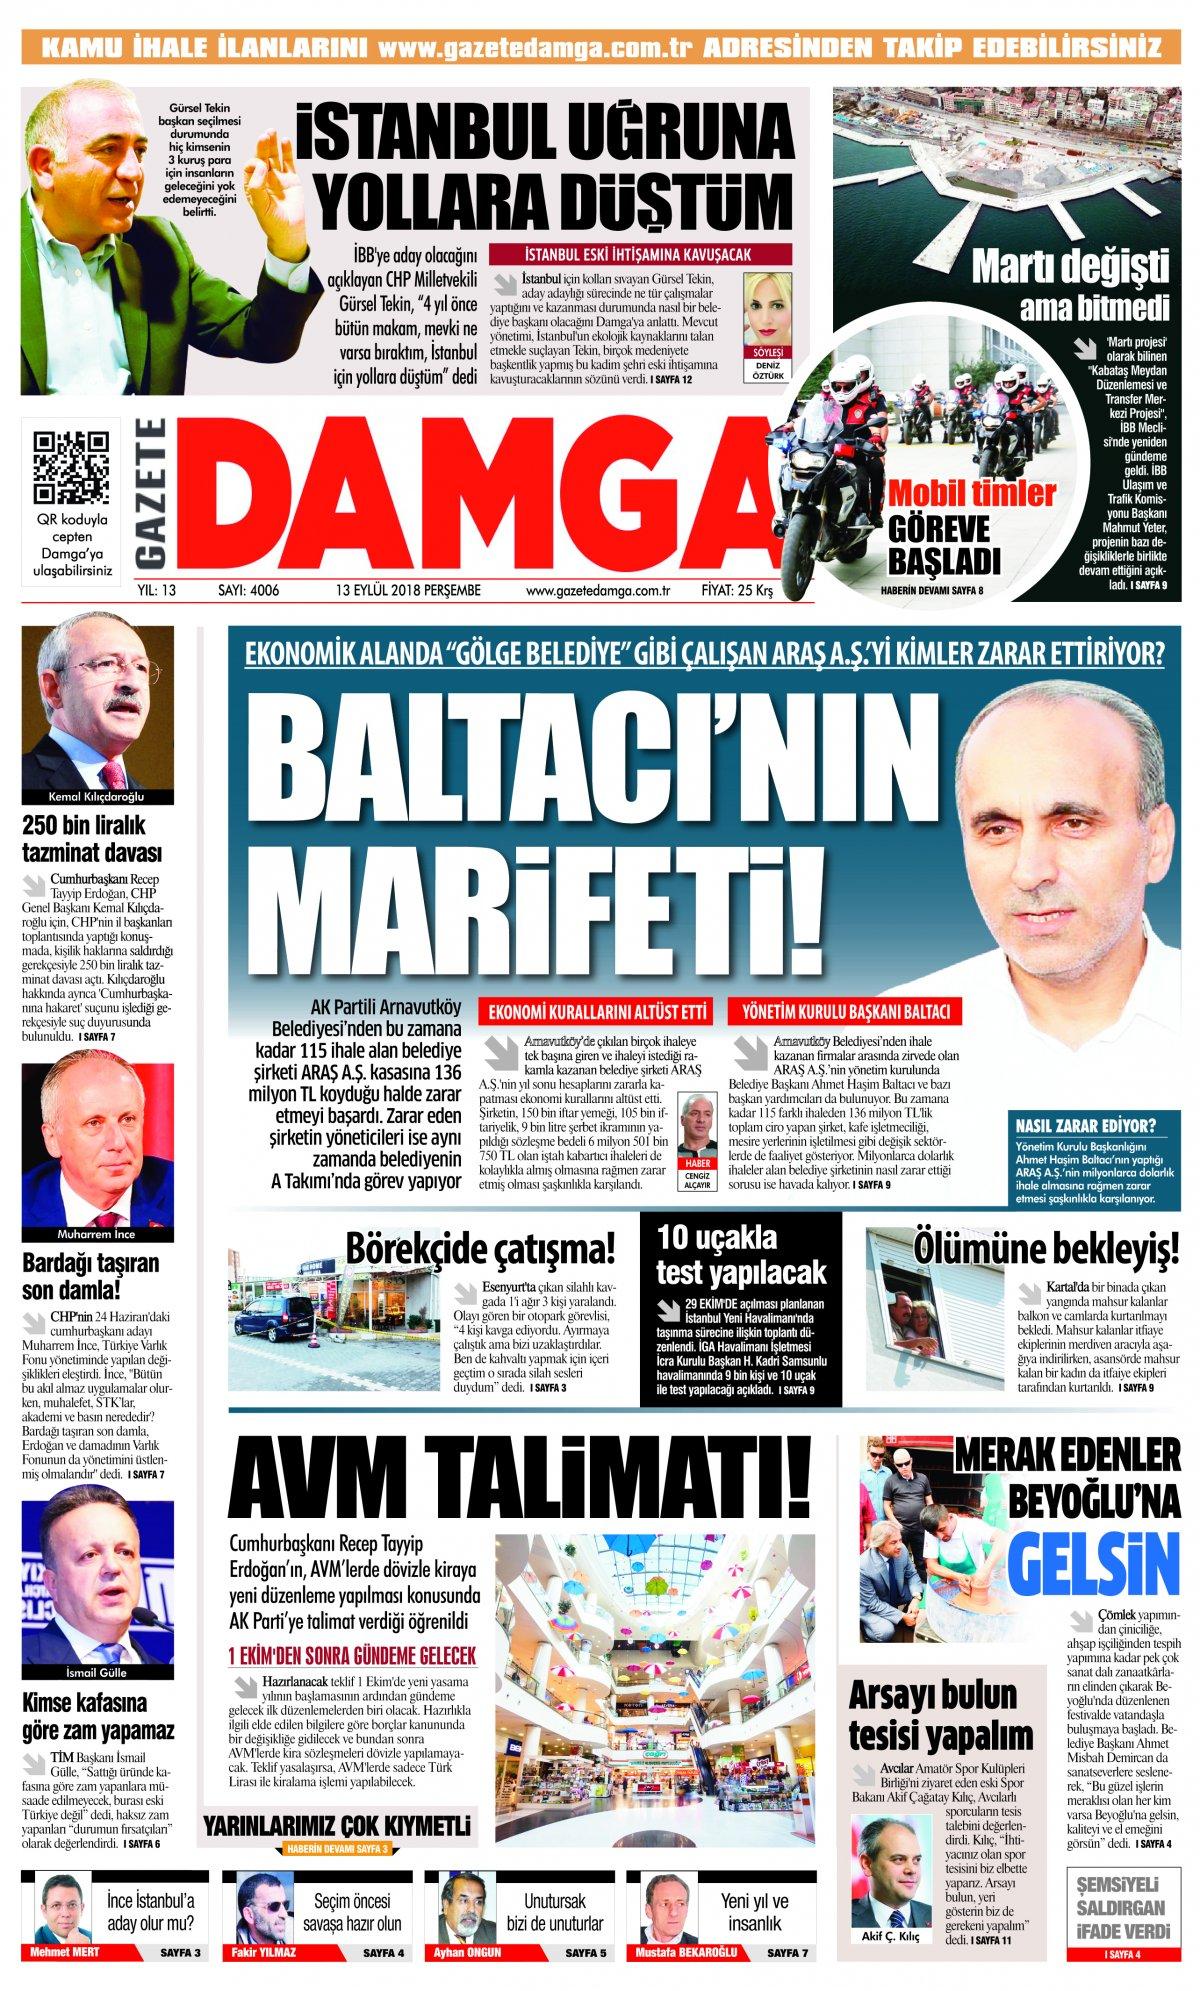 Gazete Damga - 13.09.2018 Manşeti